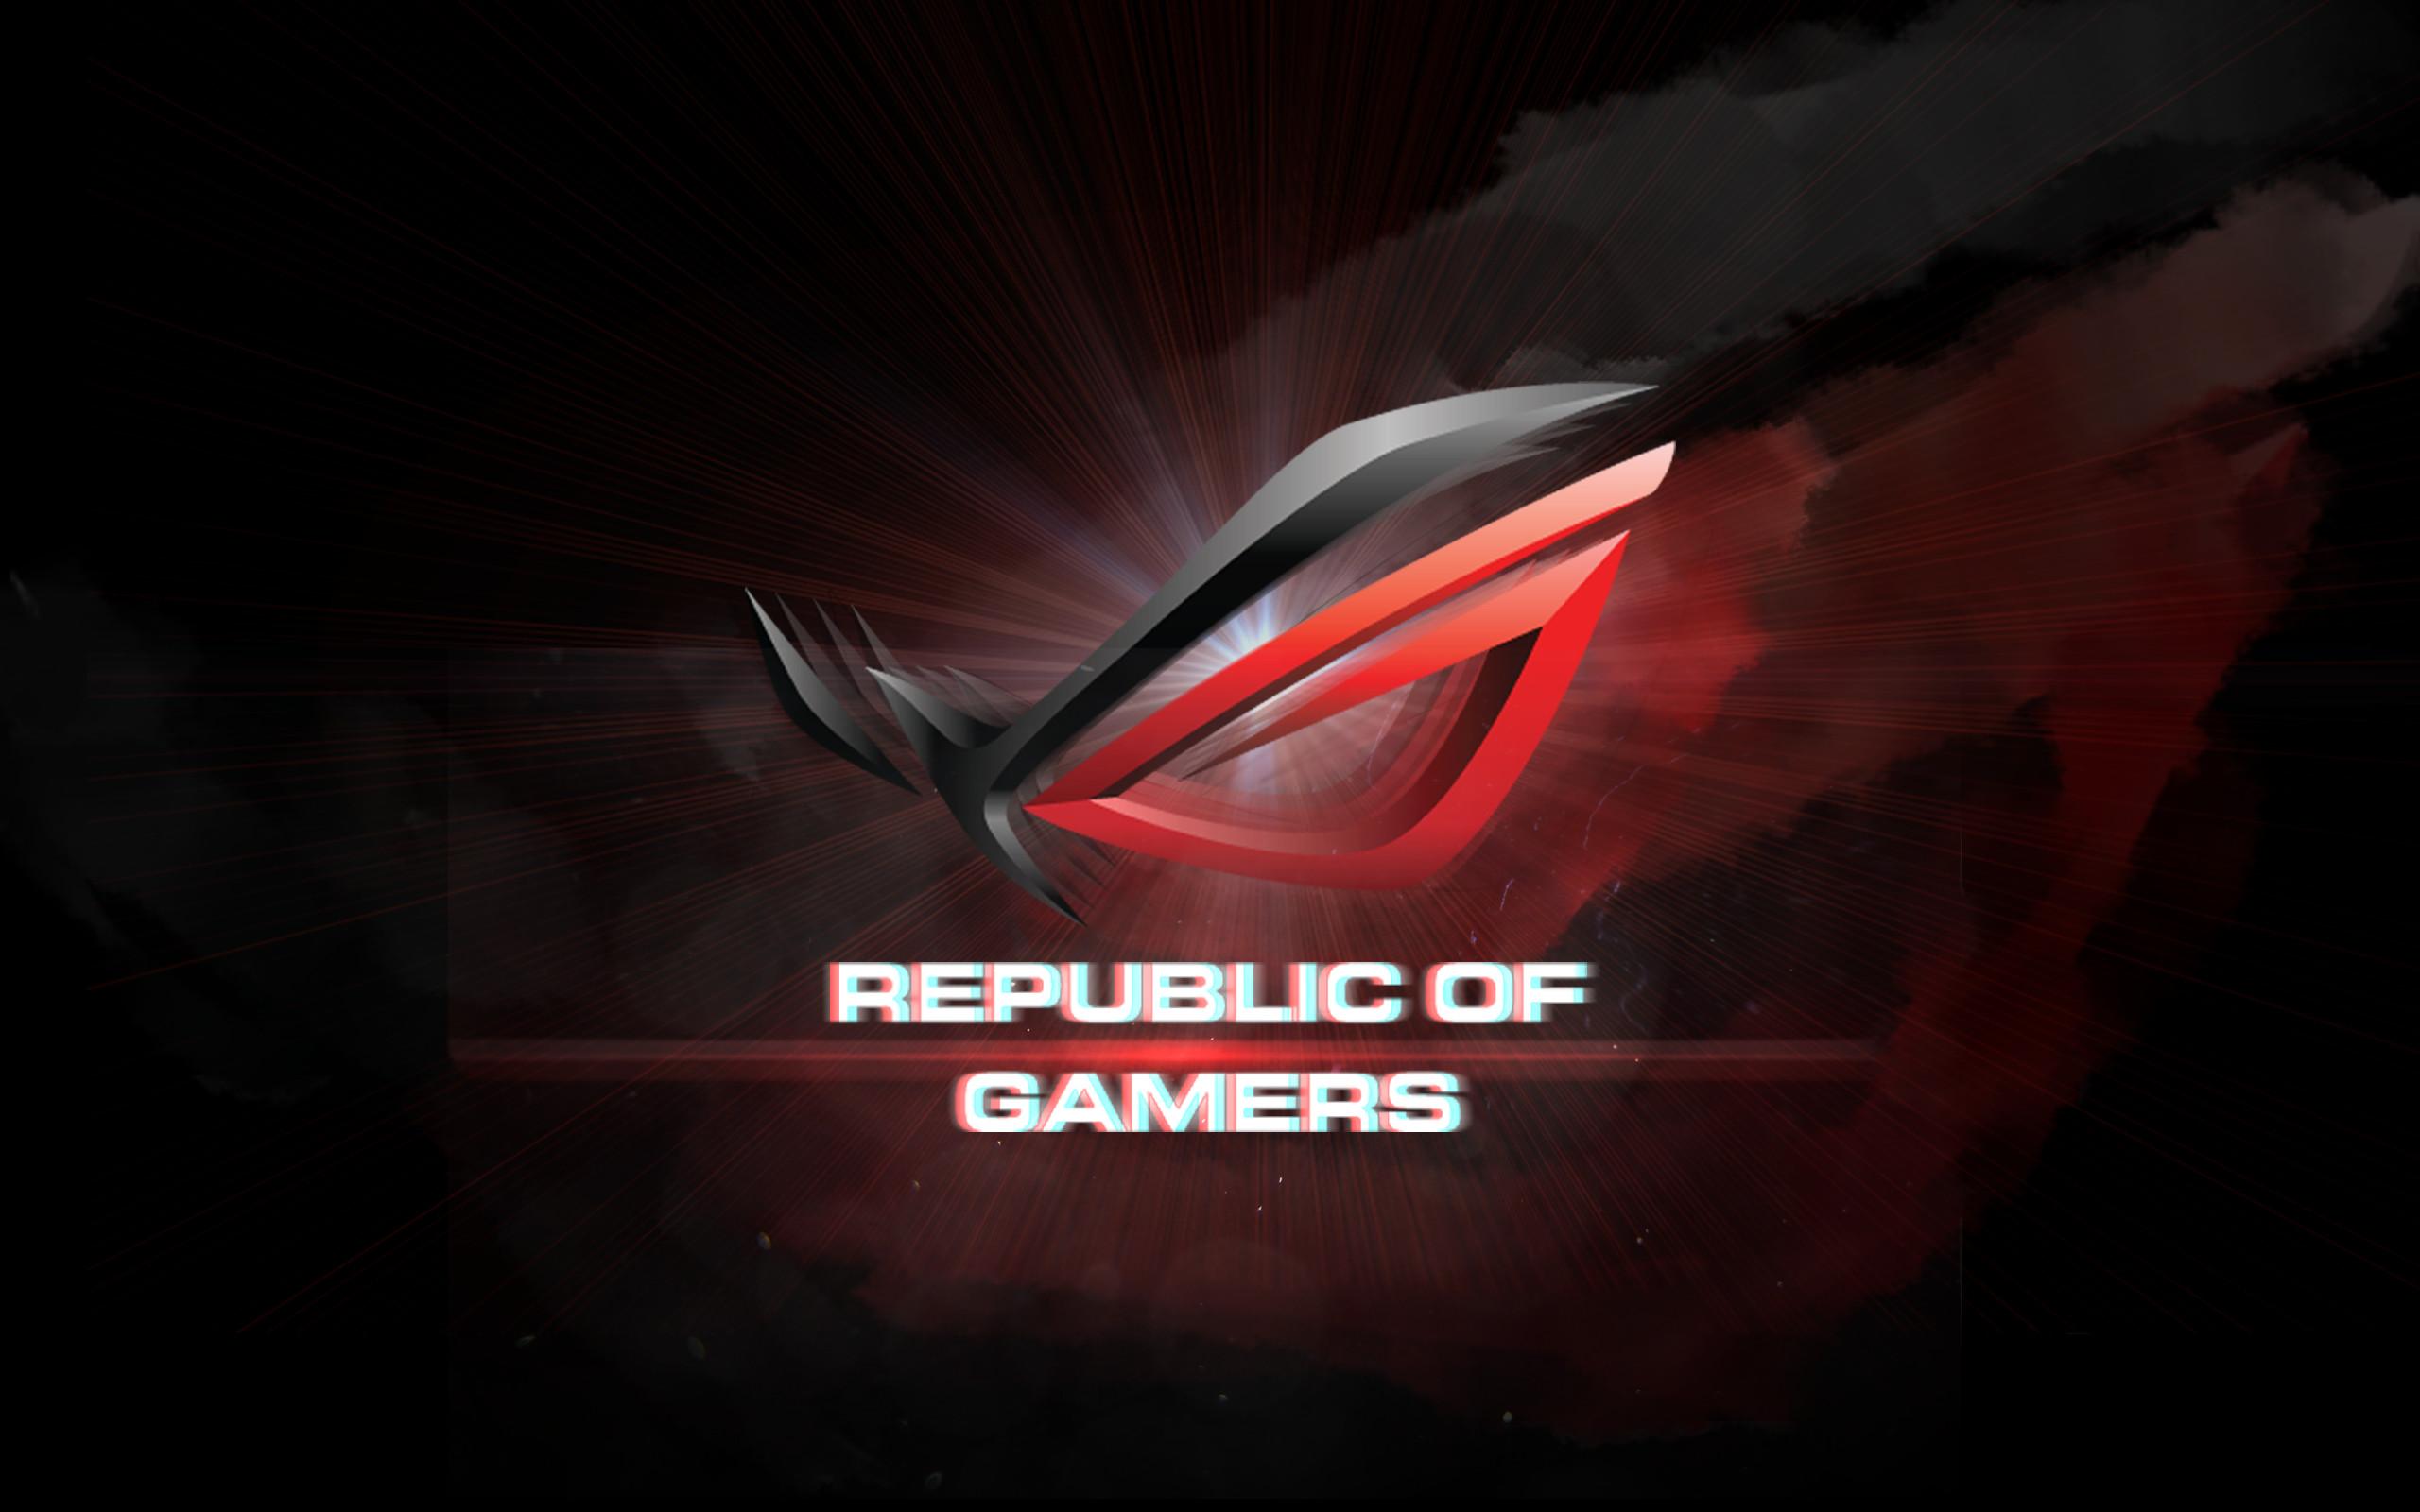 Gamer Wallpapers Gamers Republic